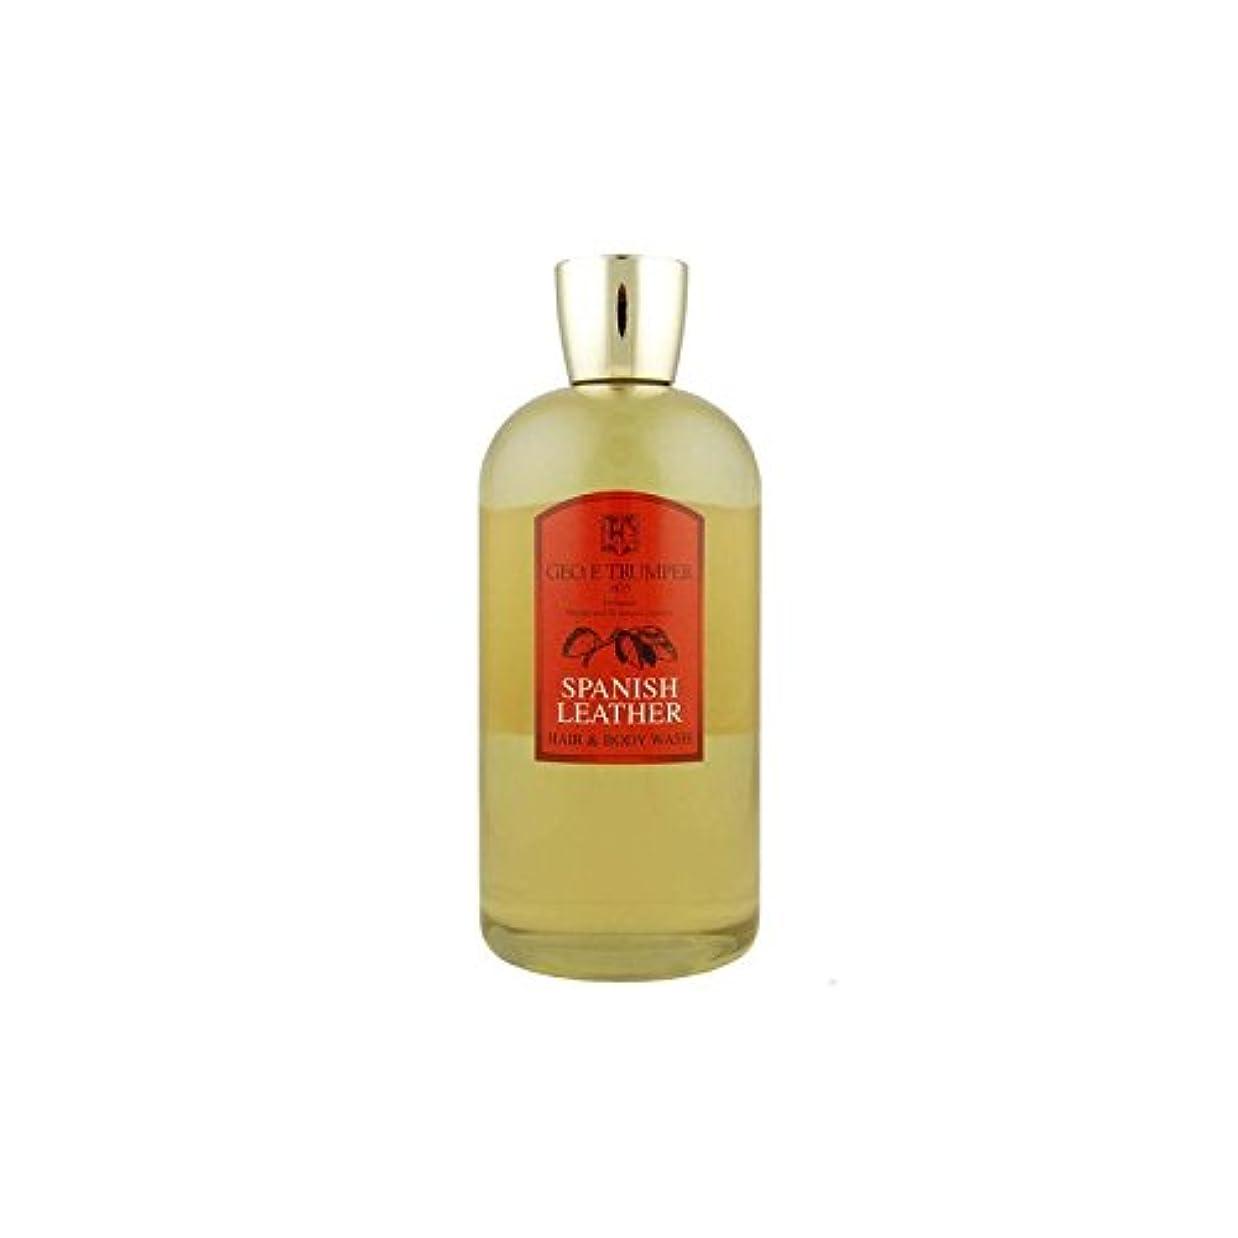 比較的不誠実スロットTrumpers Spanish Leather Hair and Body Wash - 500mlTravel Bottle (Pack of 6) - 革の髪とボディウォッシュスペイン語 - 500ボトル x6 [並行輸入品]